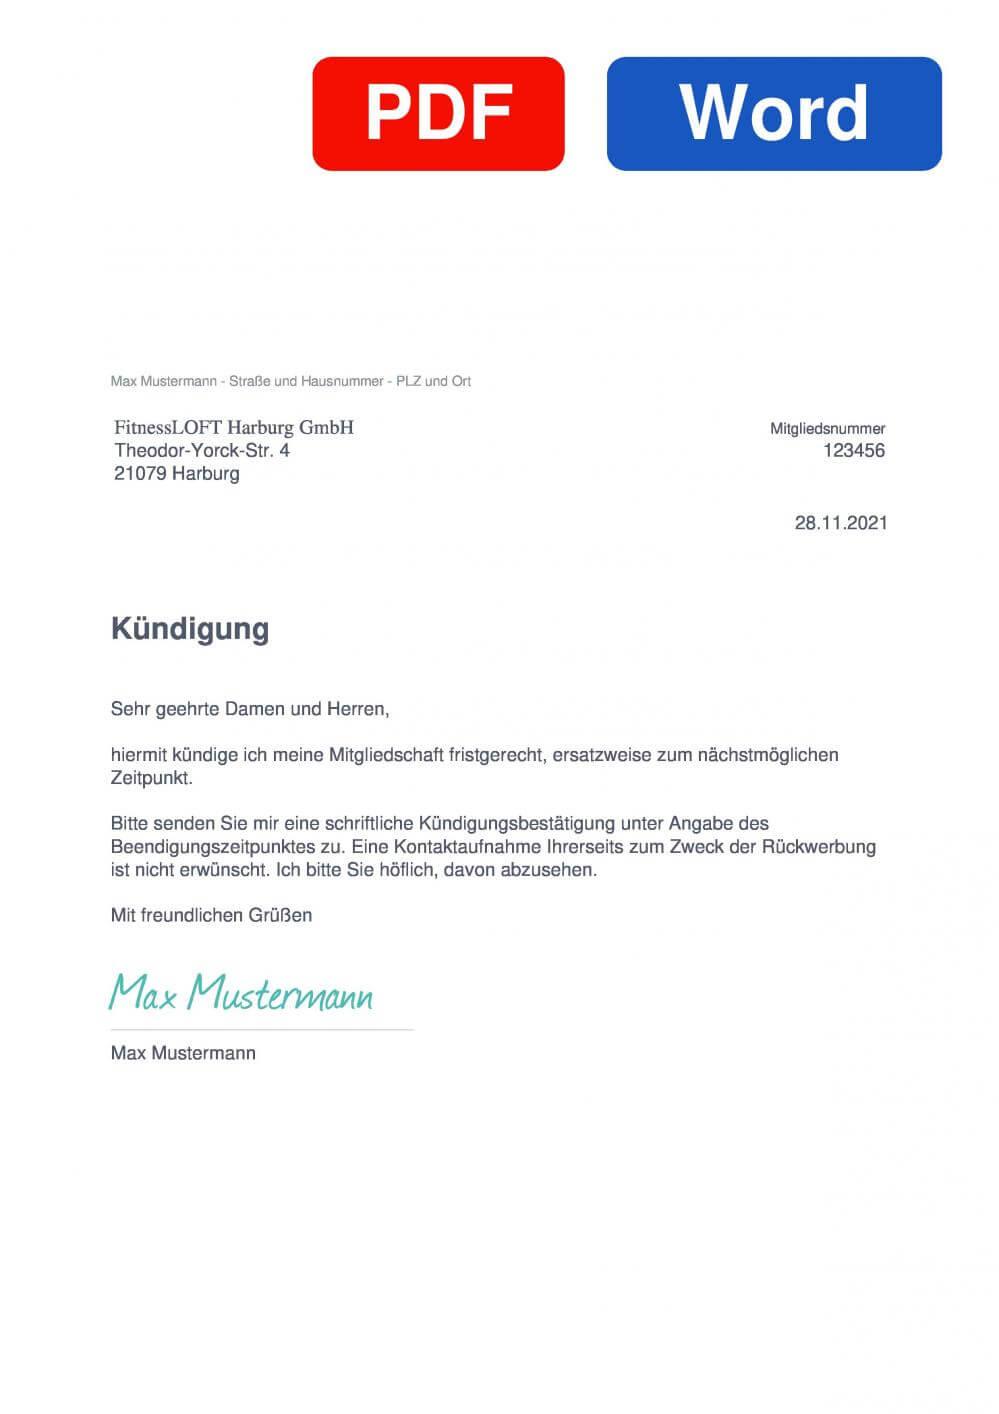 FitnessLOFT Hamburg-Harburg Muster Vorlage für Kündigungsschreiben